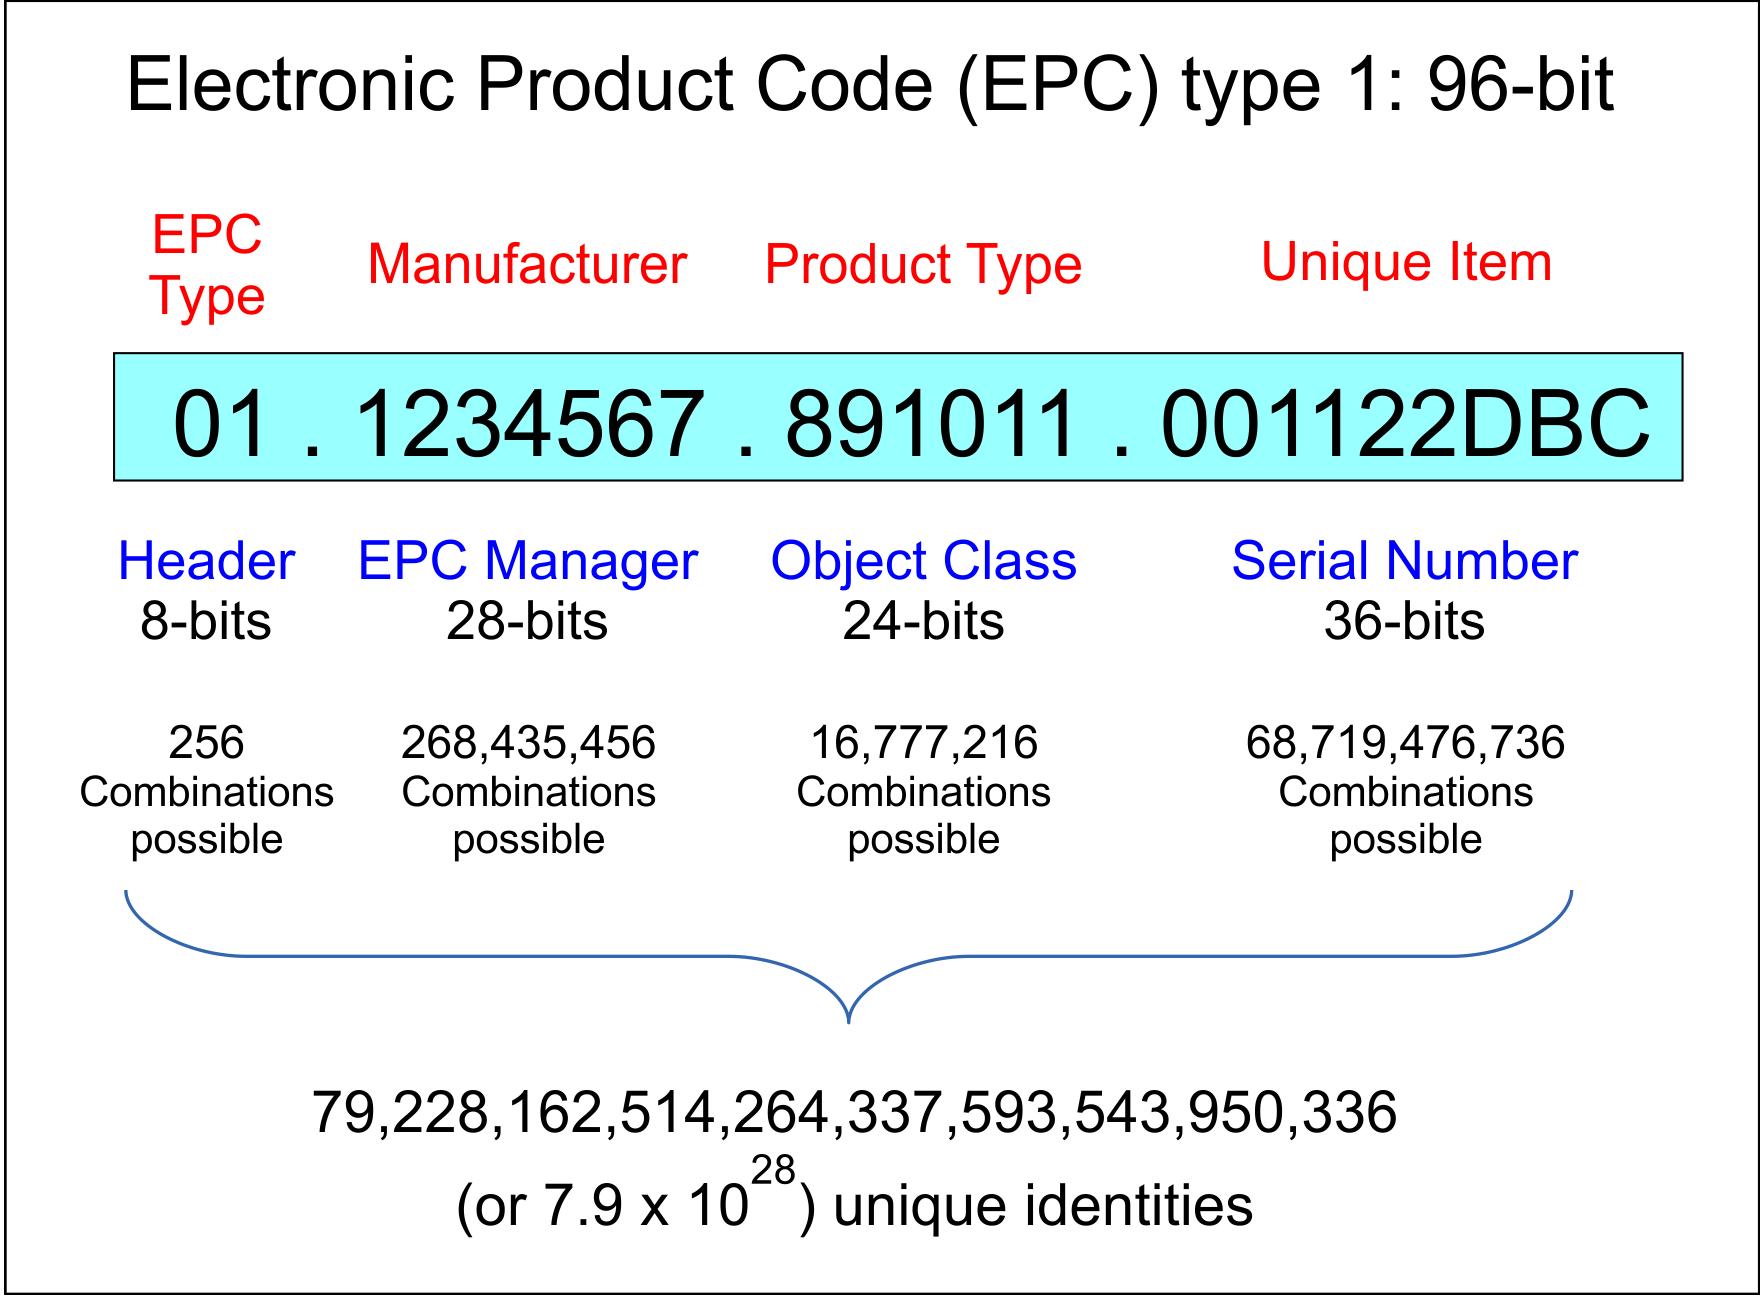 EPC de tipo 1